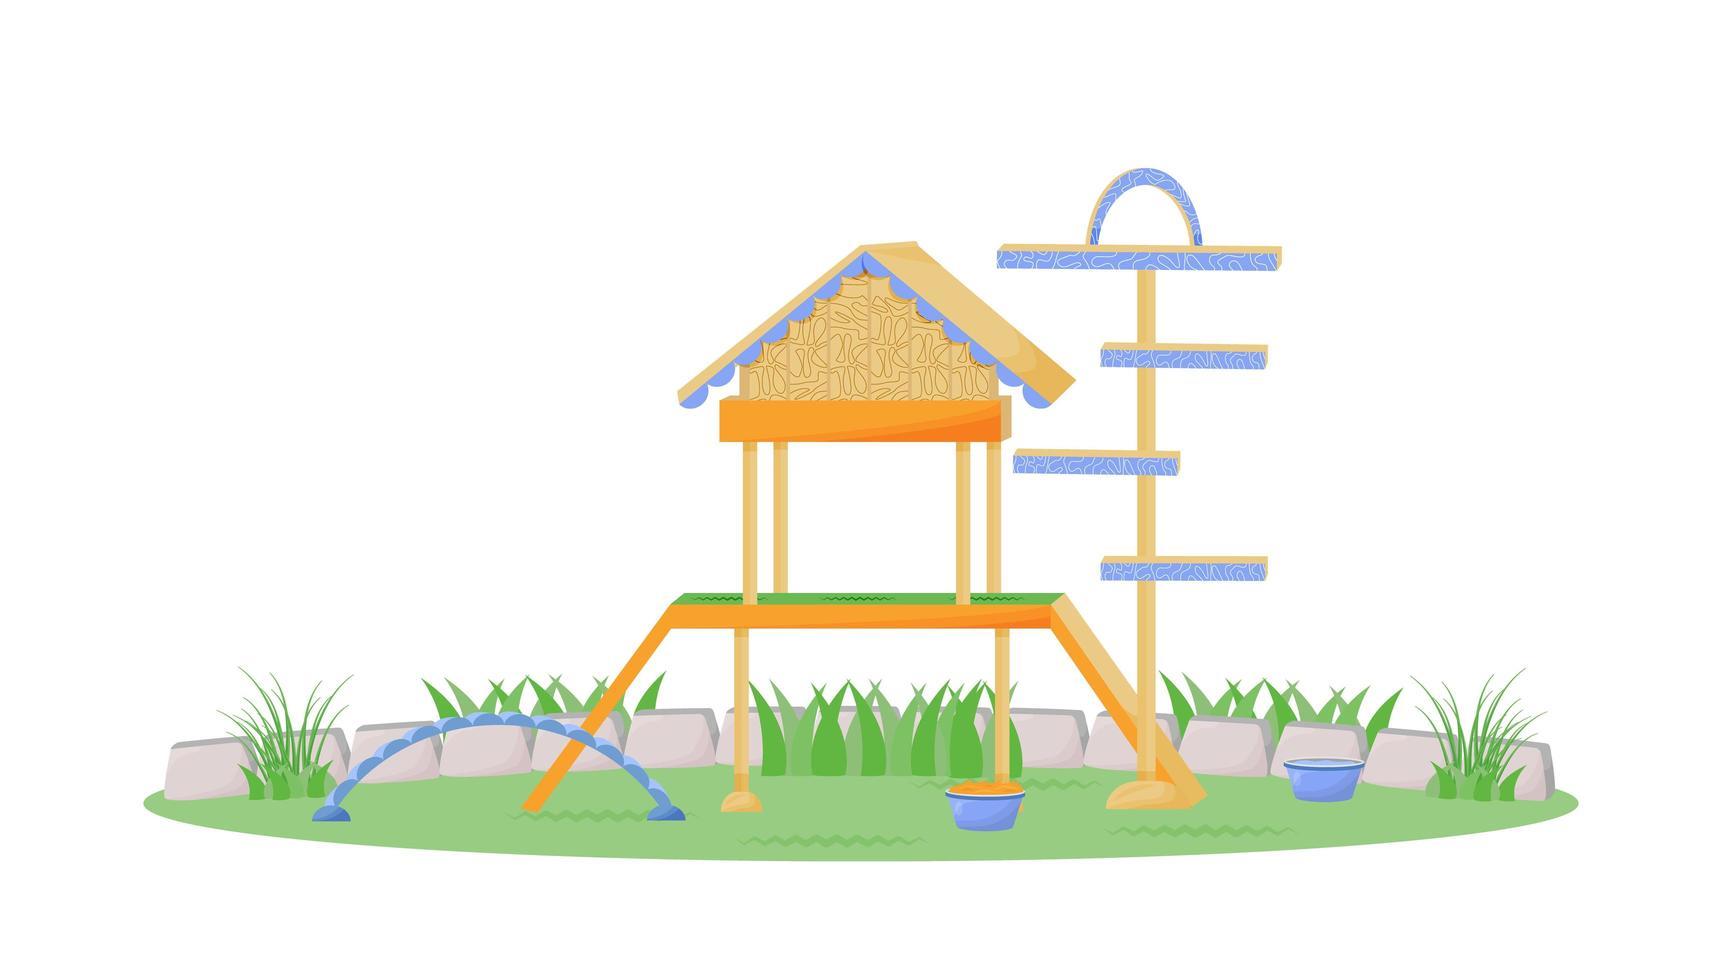 maisonnette dans le parc vecteur